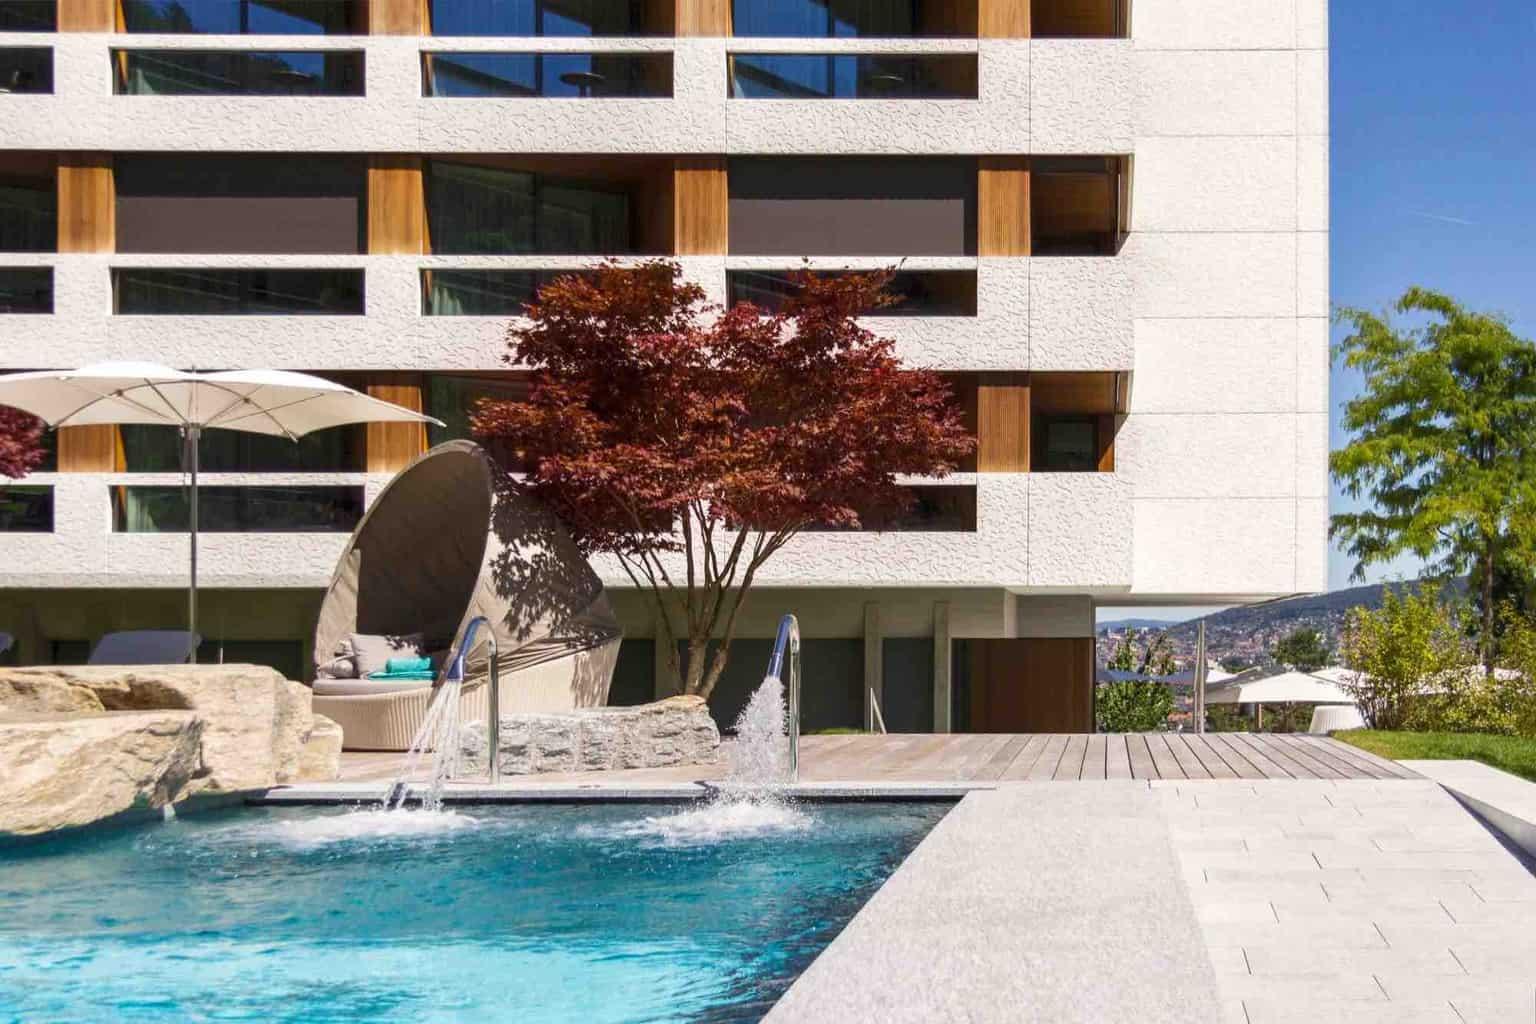 Lunch & Dip - Lunchen & Planschen Hotel Atlantis by Giardino